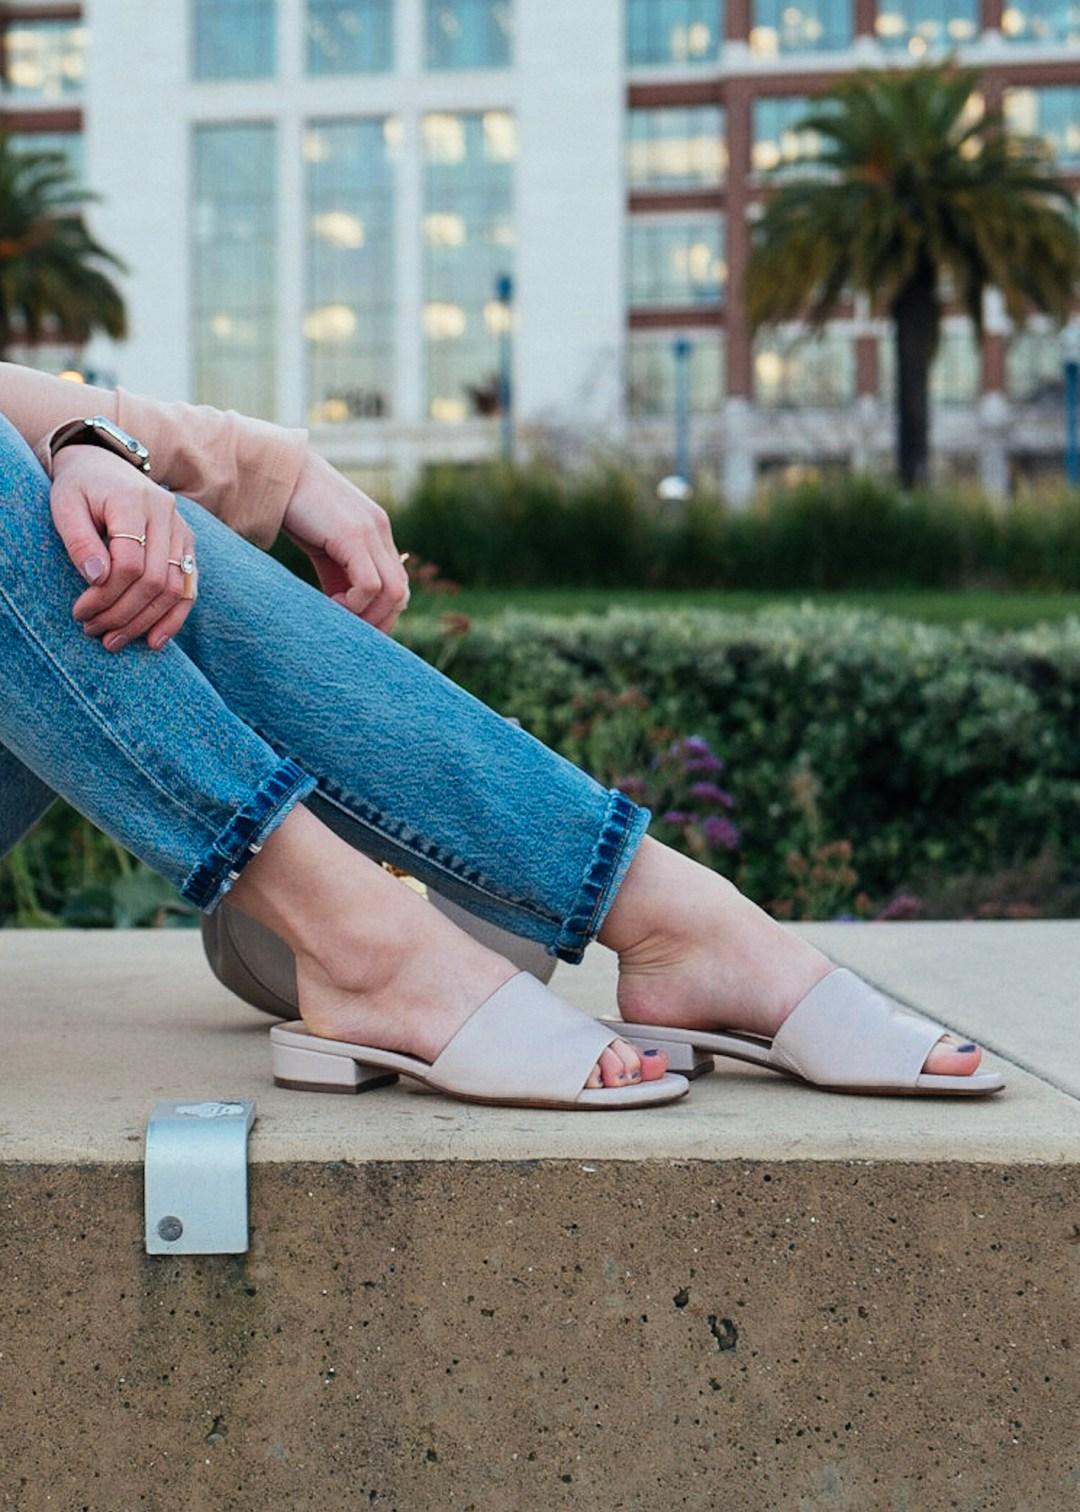 Cofra Tampere Bottes De Sécurité Composite Toe Cap Semelle Wide Fit Homme Thinsulate SZ